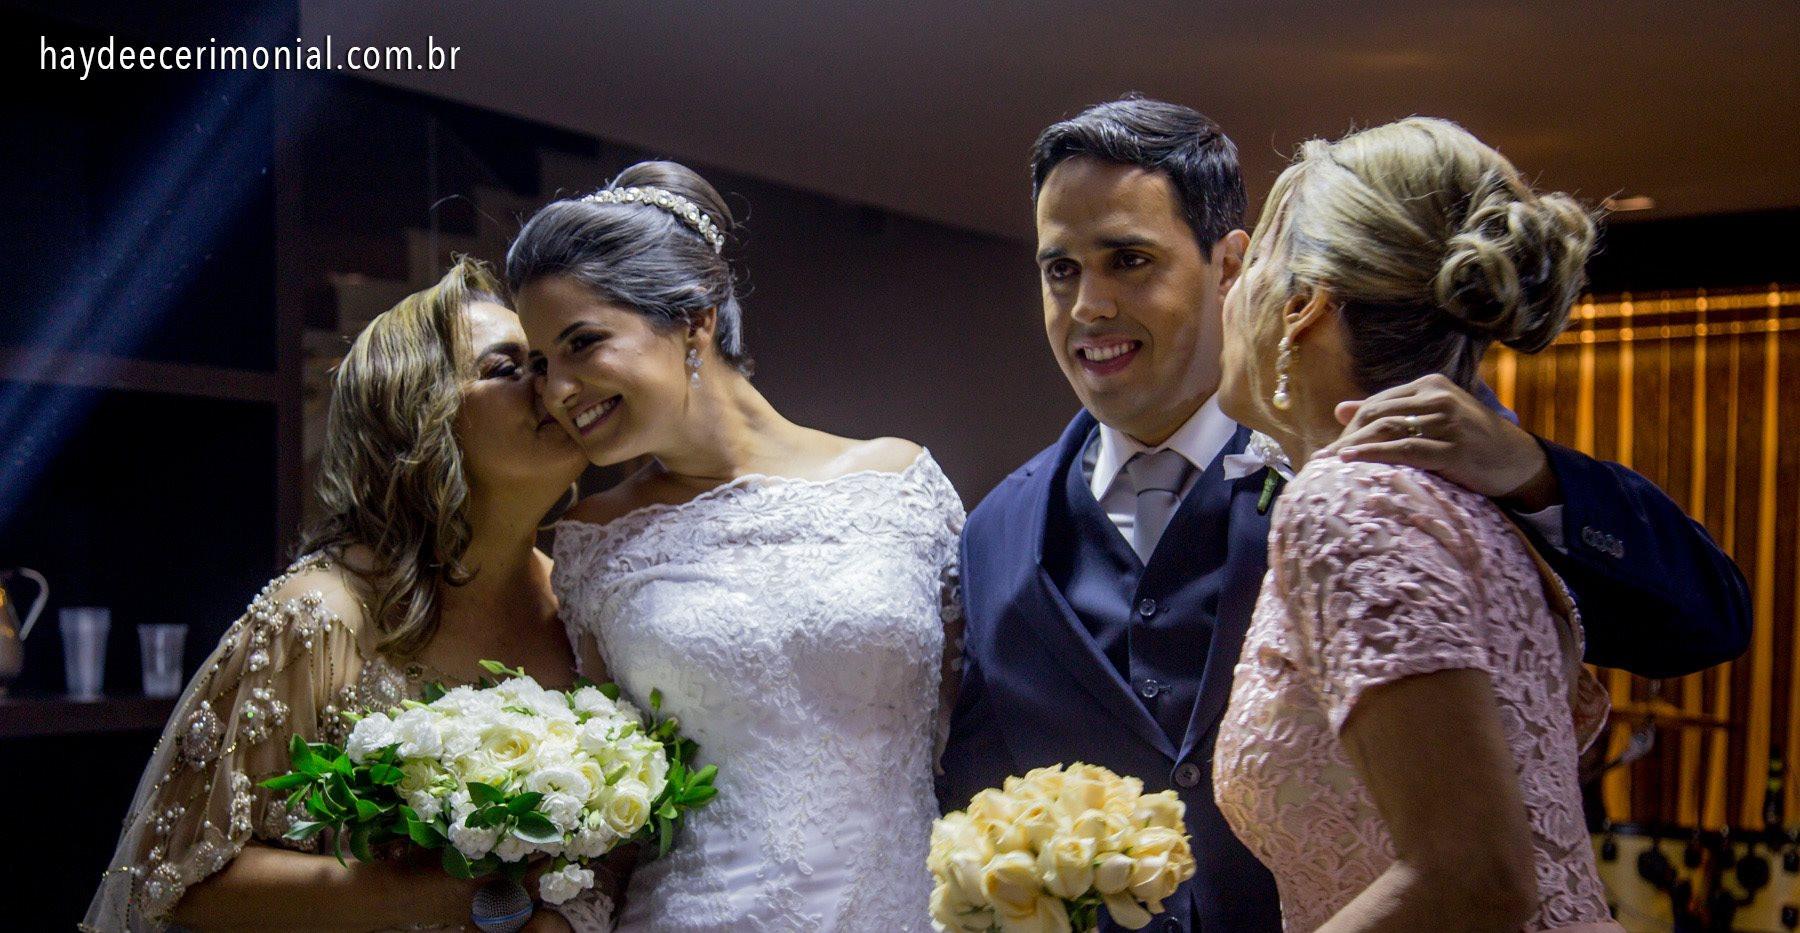 Casamento-Haydee-36